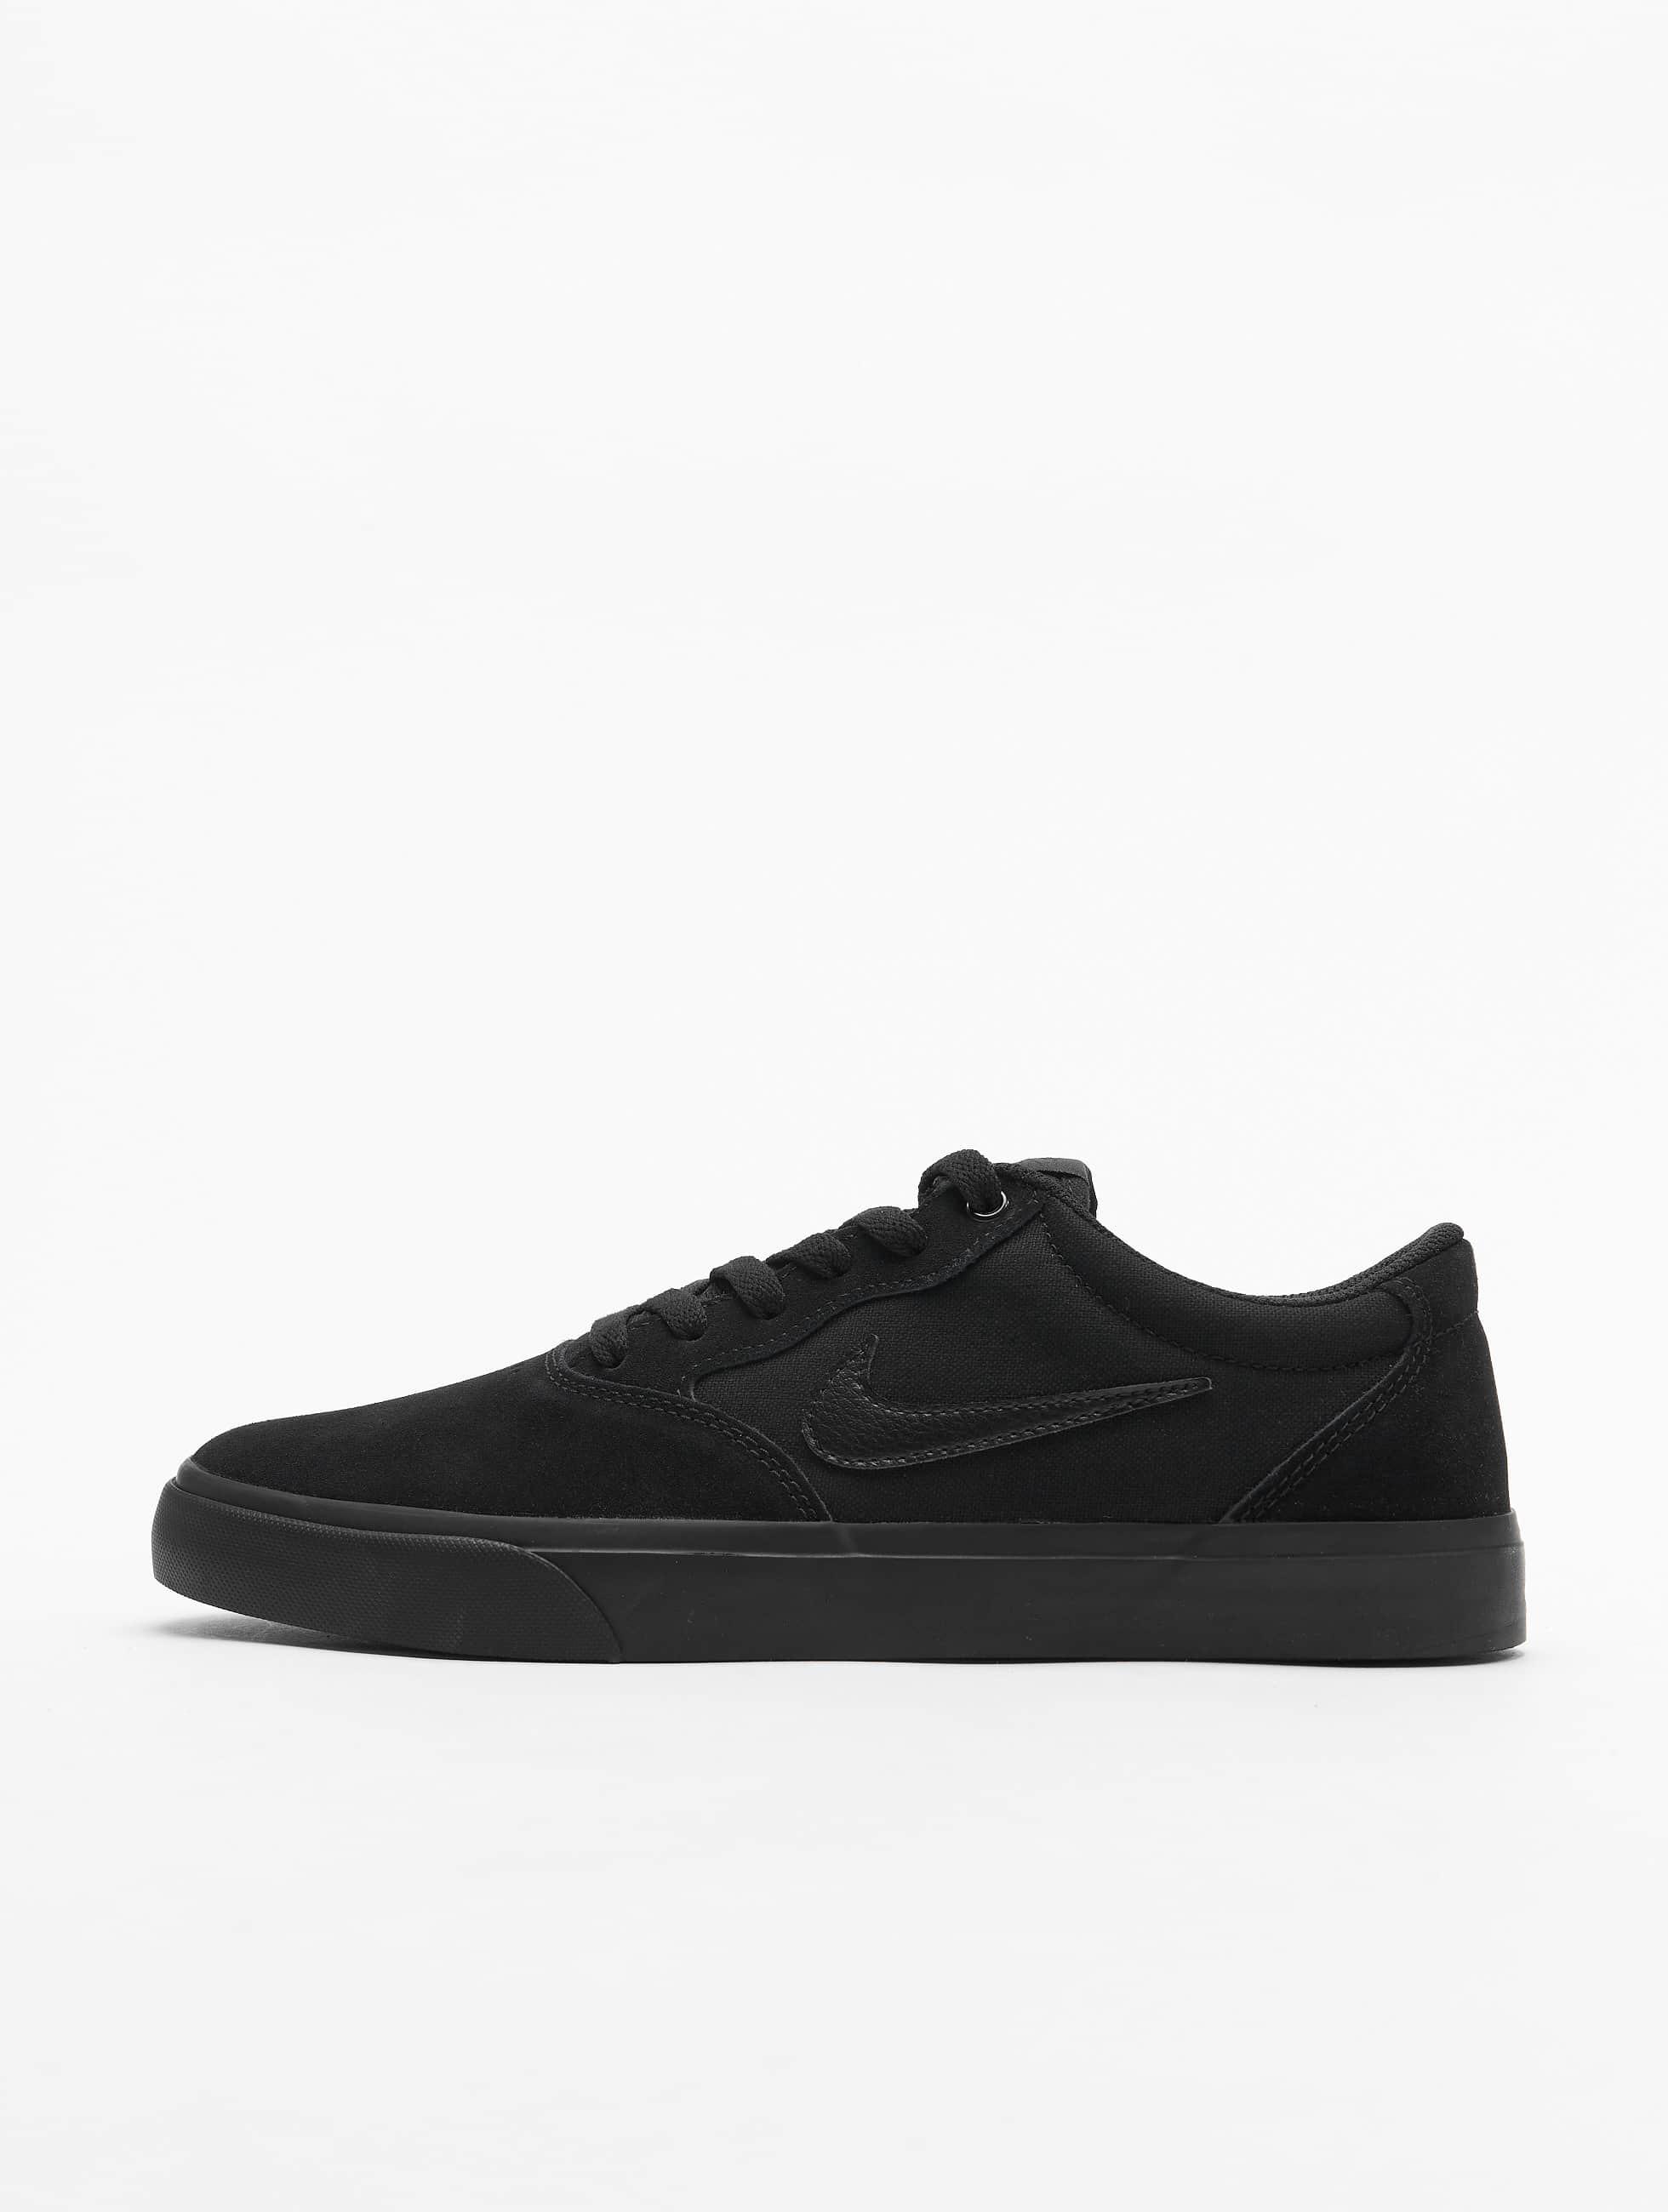 Nike SB Chron SLR Sneakers BlackBlackBlackBlack